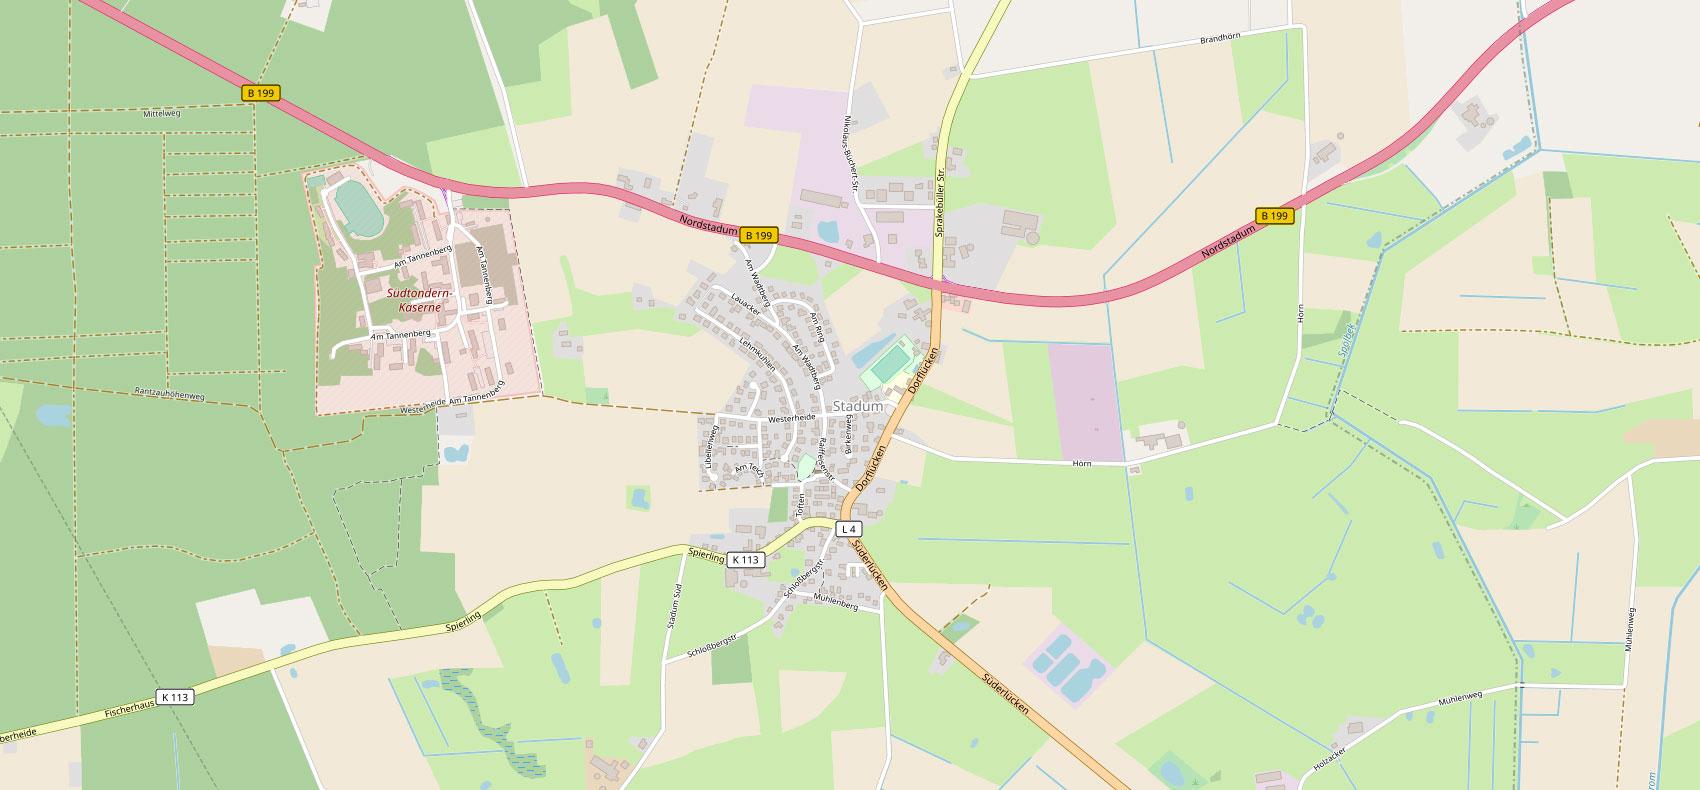 Karte Stadum